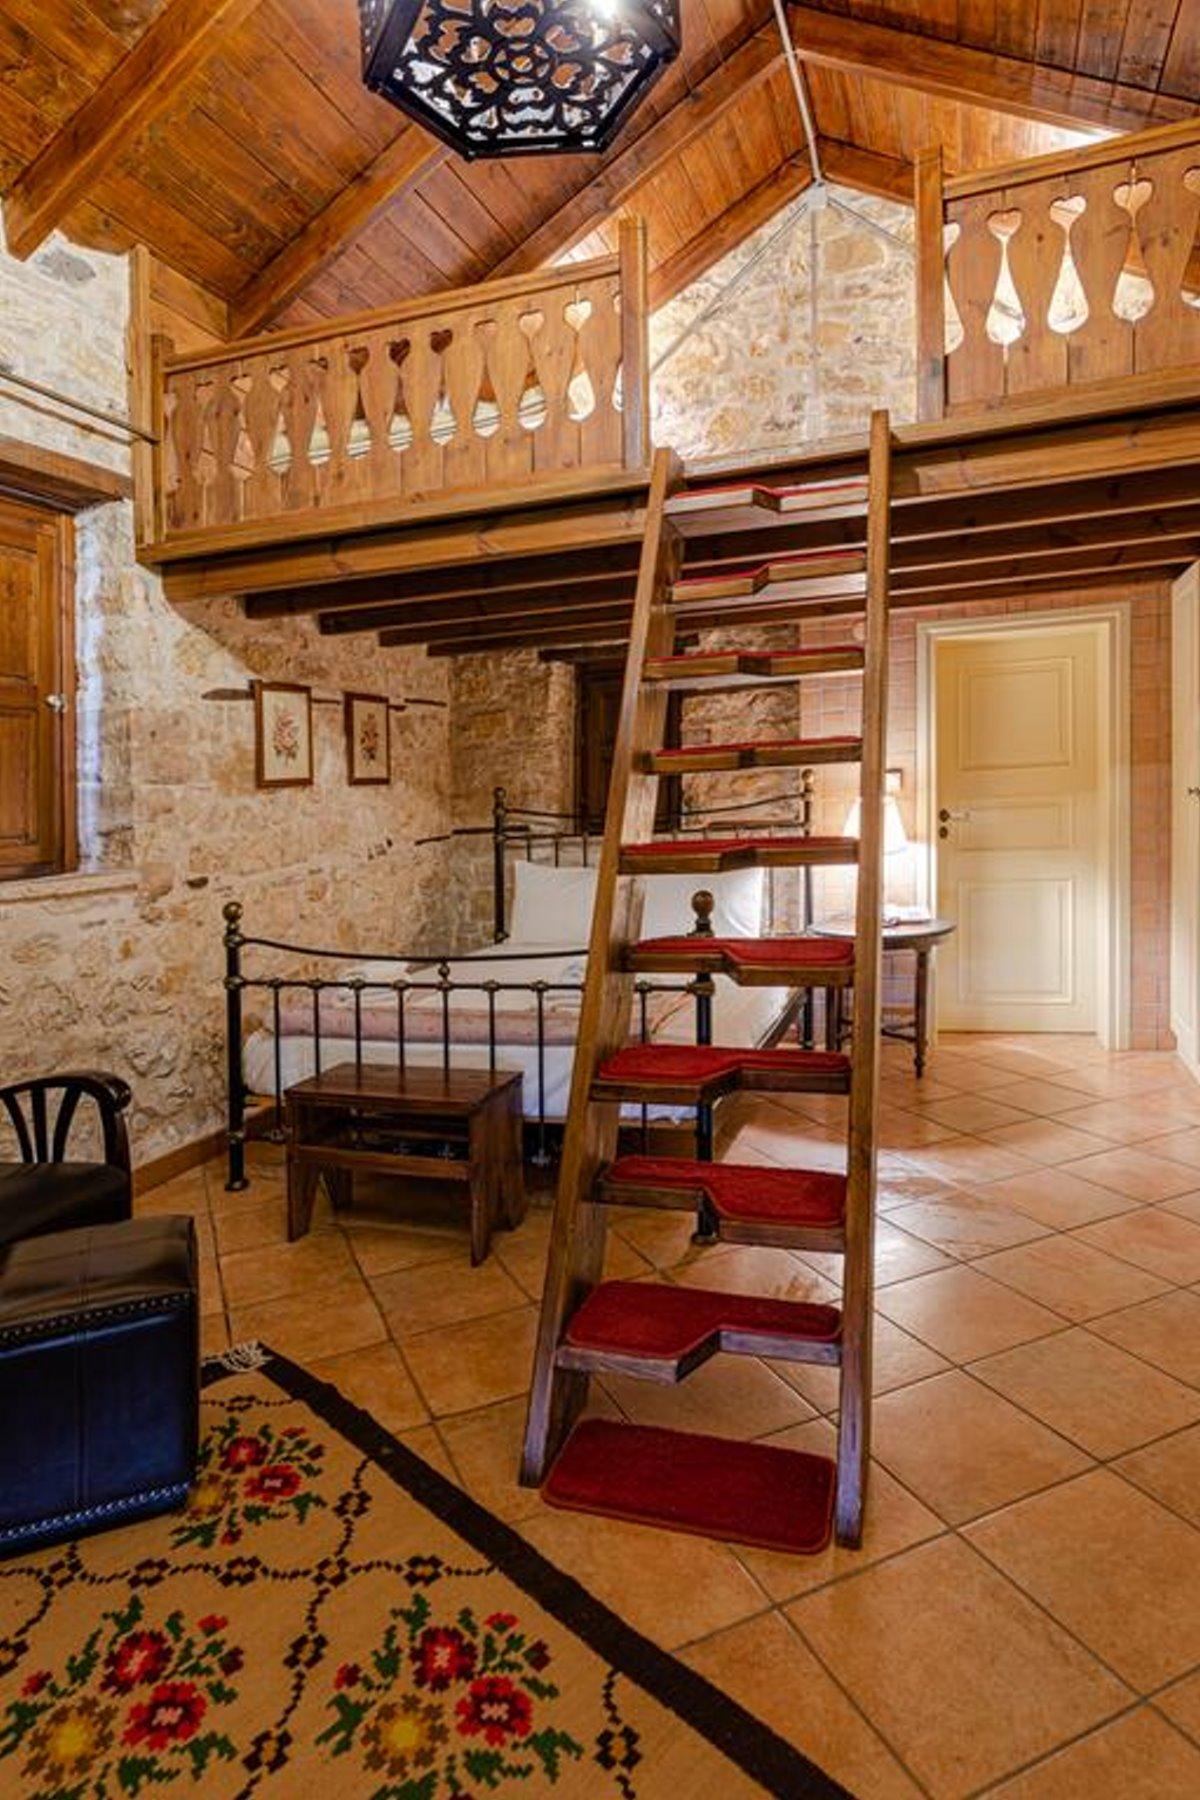 Πωγώνι ακριτικό χωριό Ηπείρου Paeonia Suites δωμάτιο με εσωτερική σκάλα